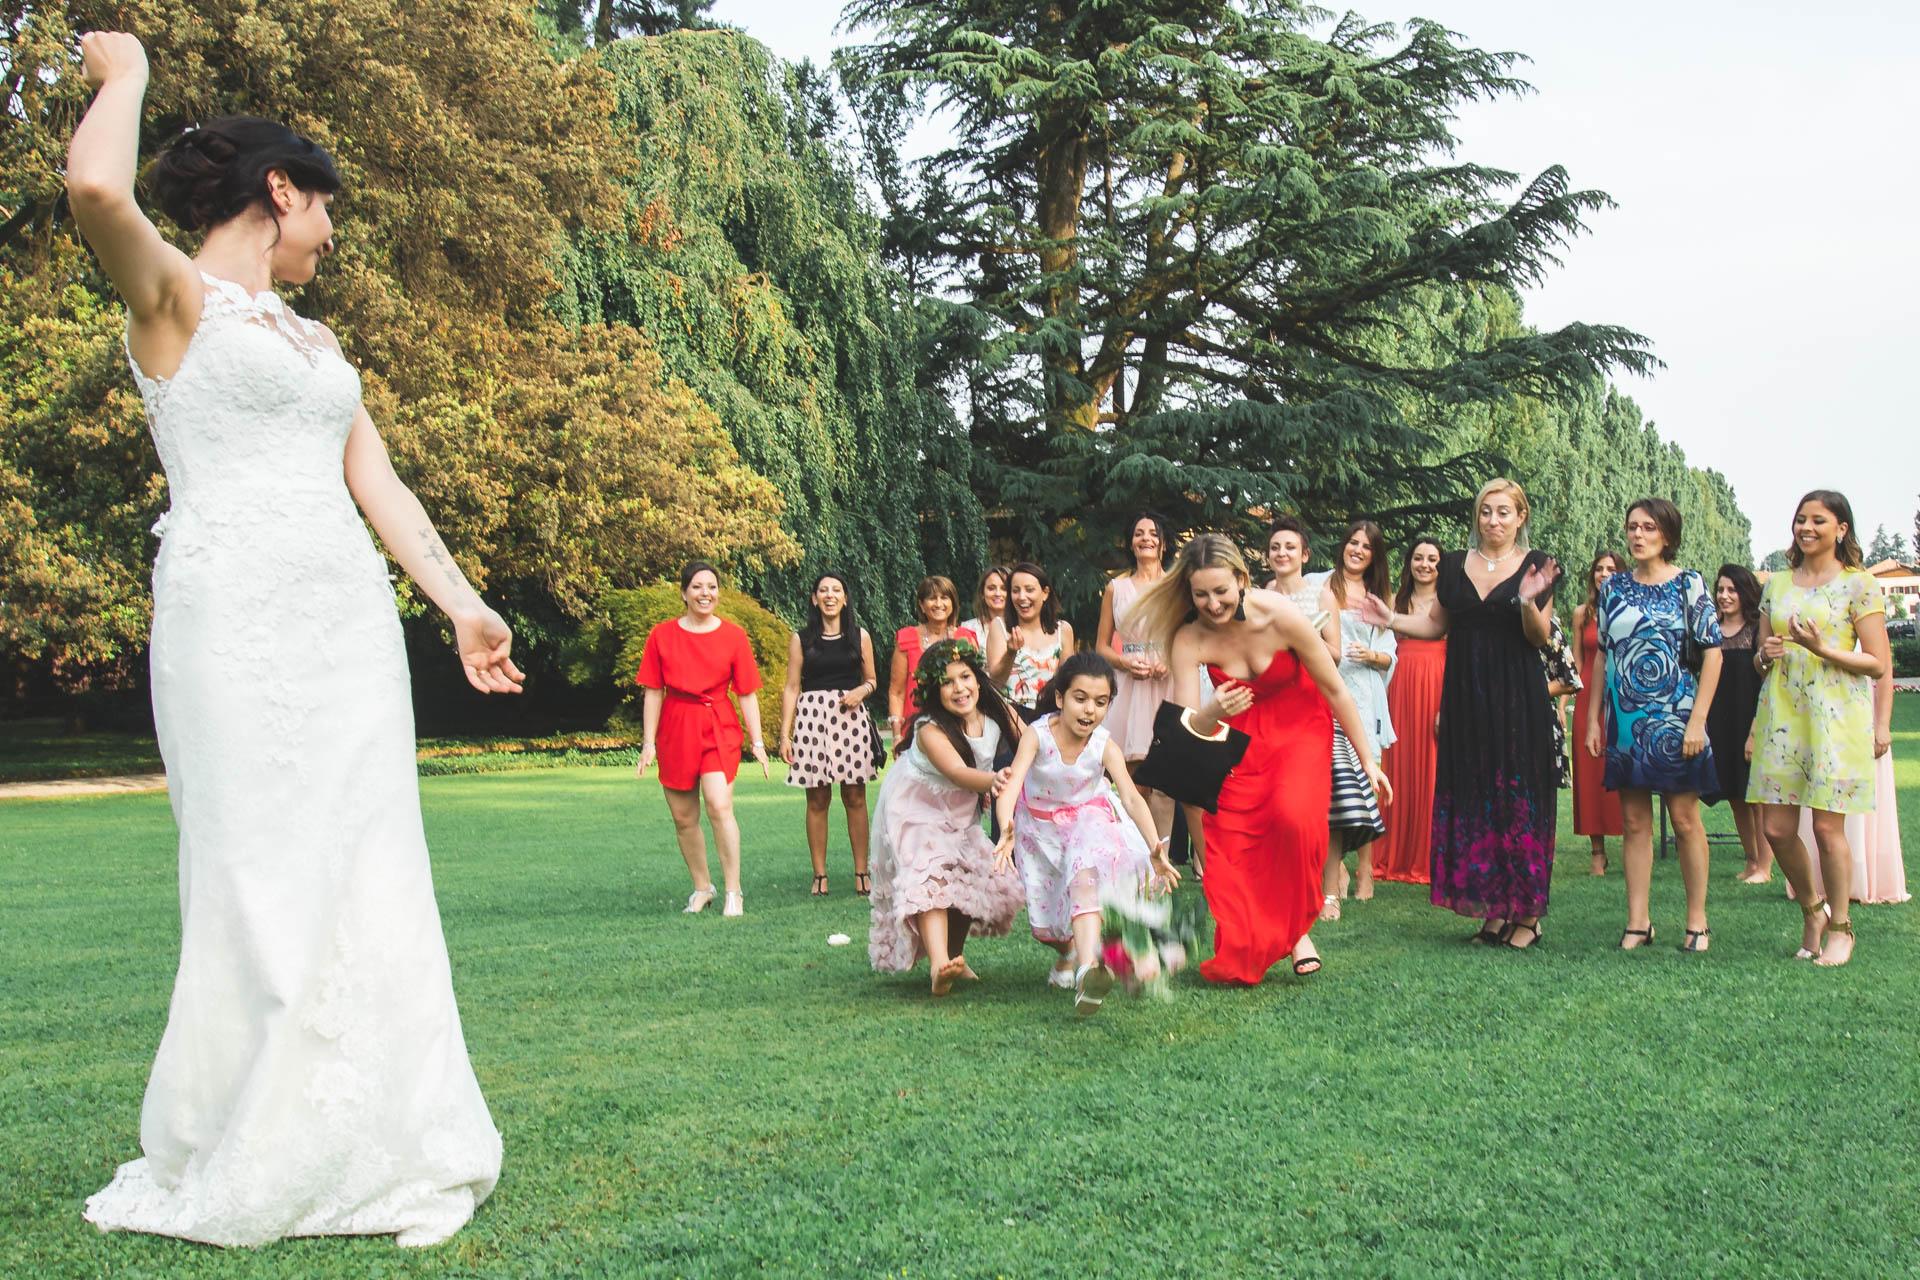 sposa lancio del bouquet damigelle invitati